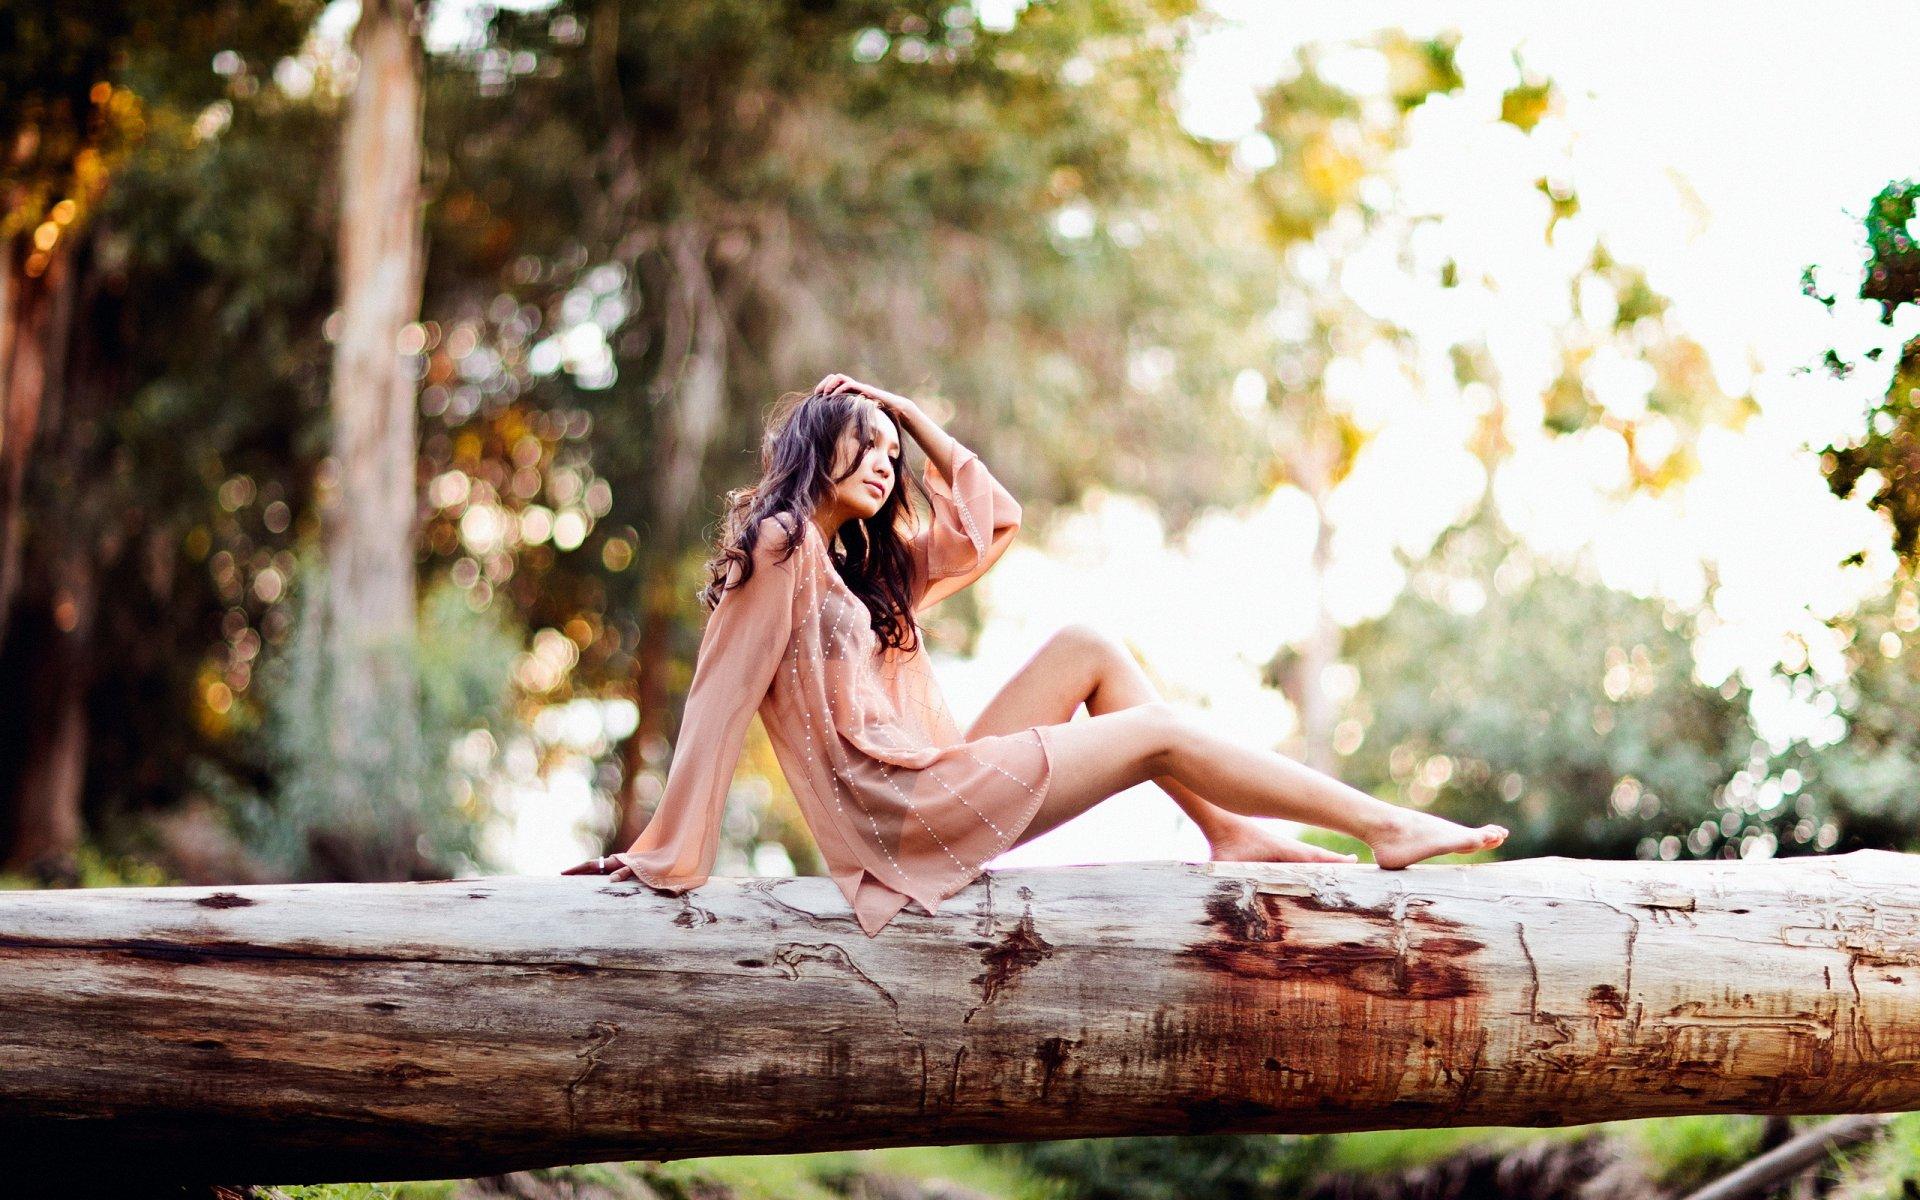 Mary lynn rajskub nude